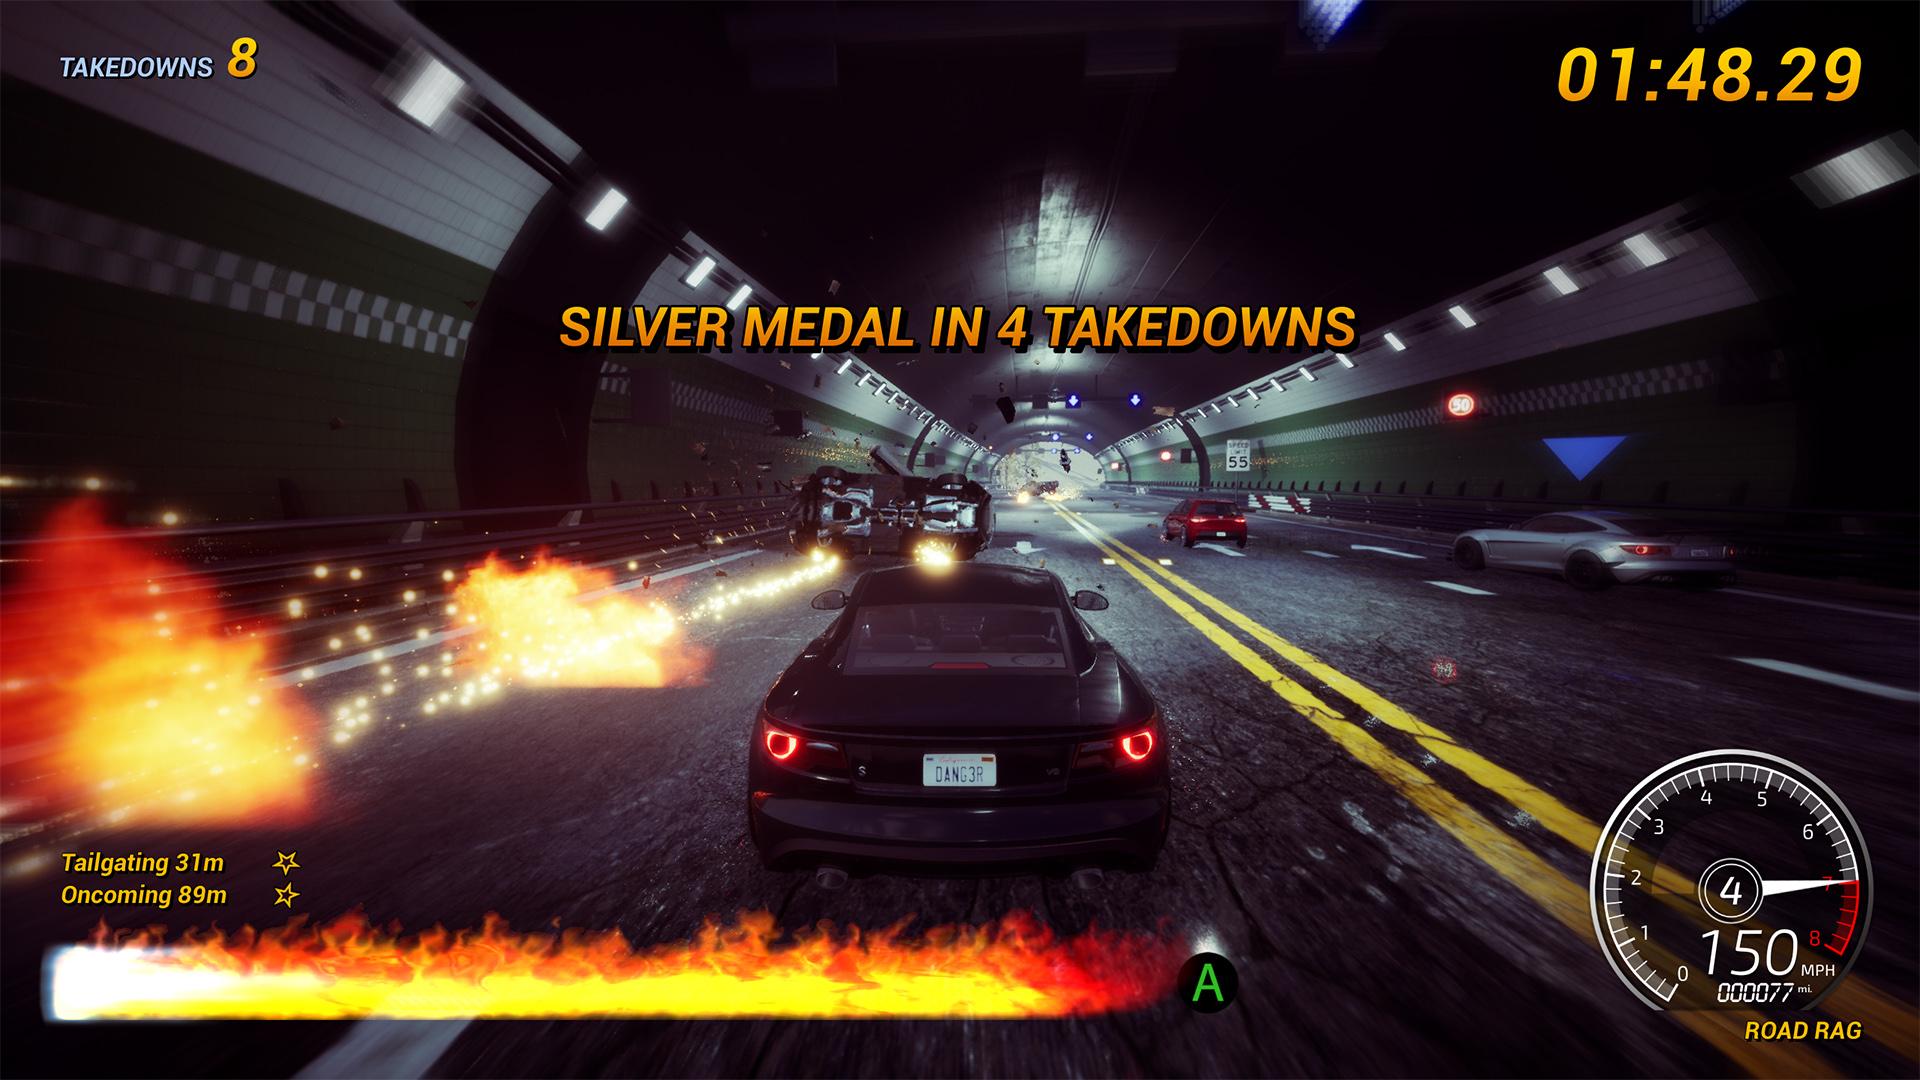 Wk2_RoadRage_SilverMedalin